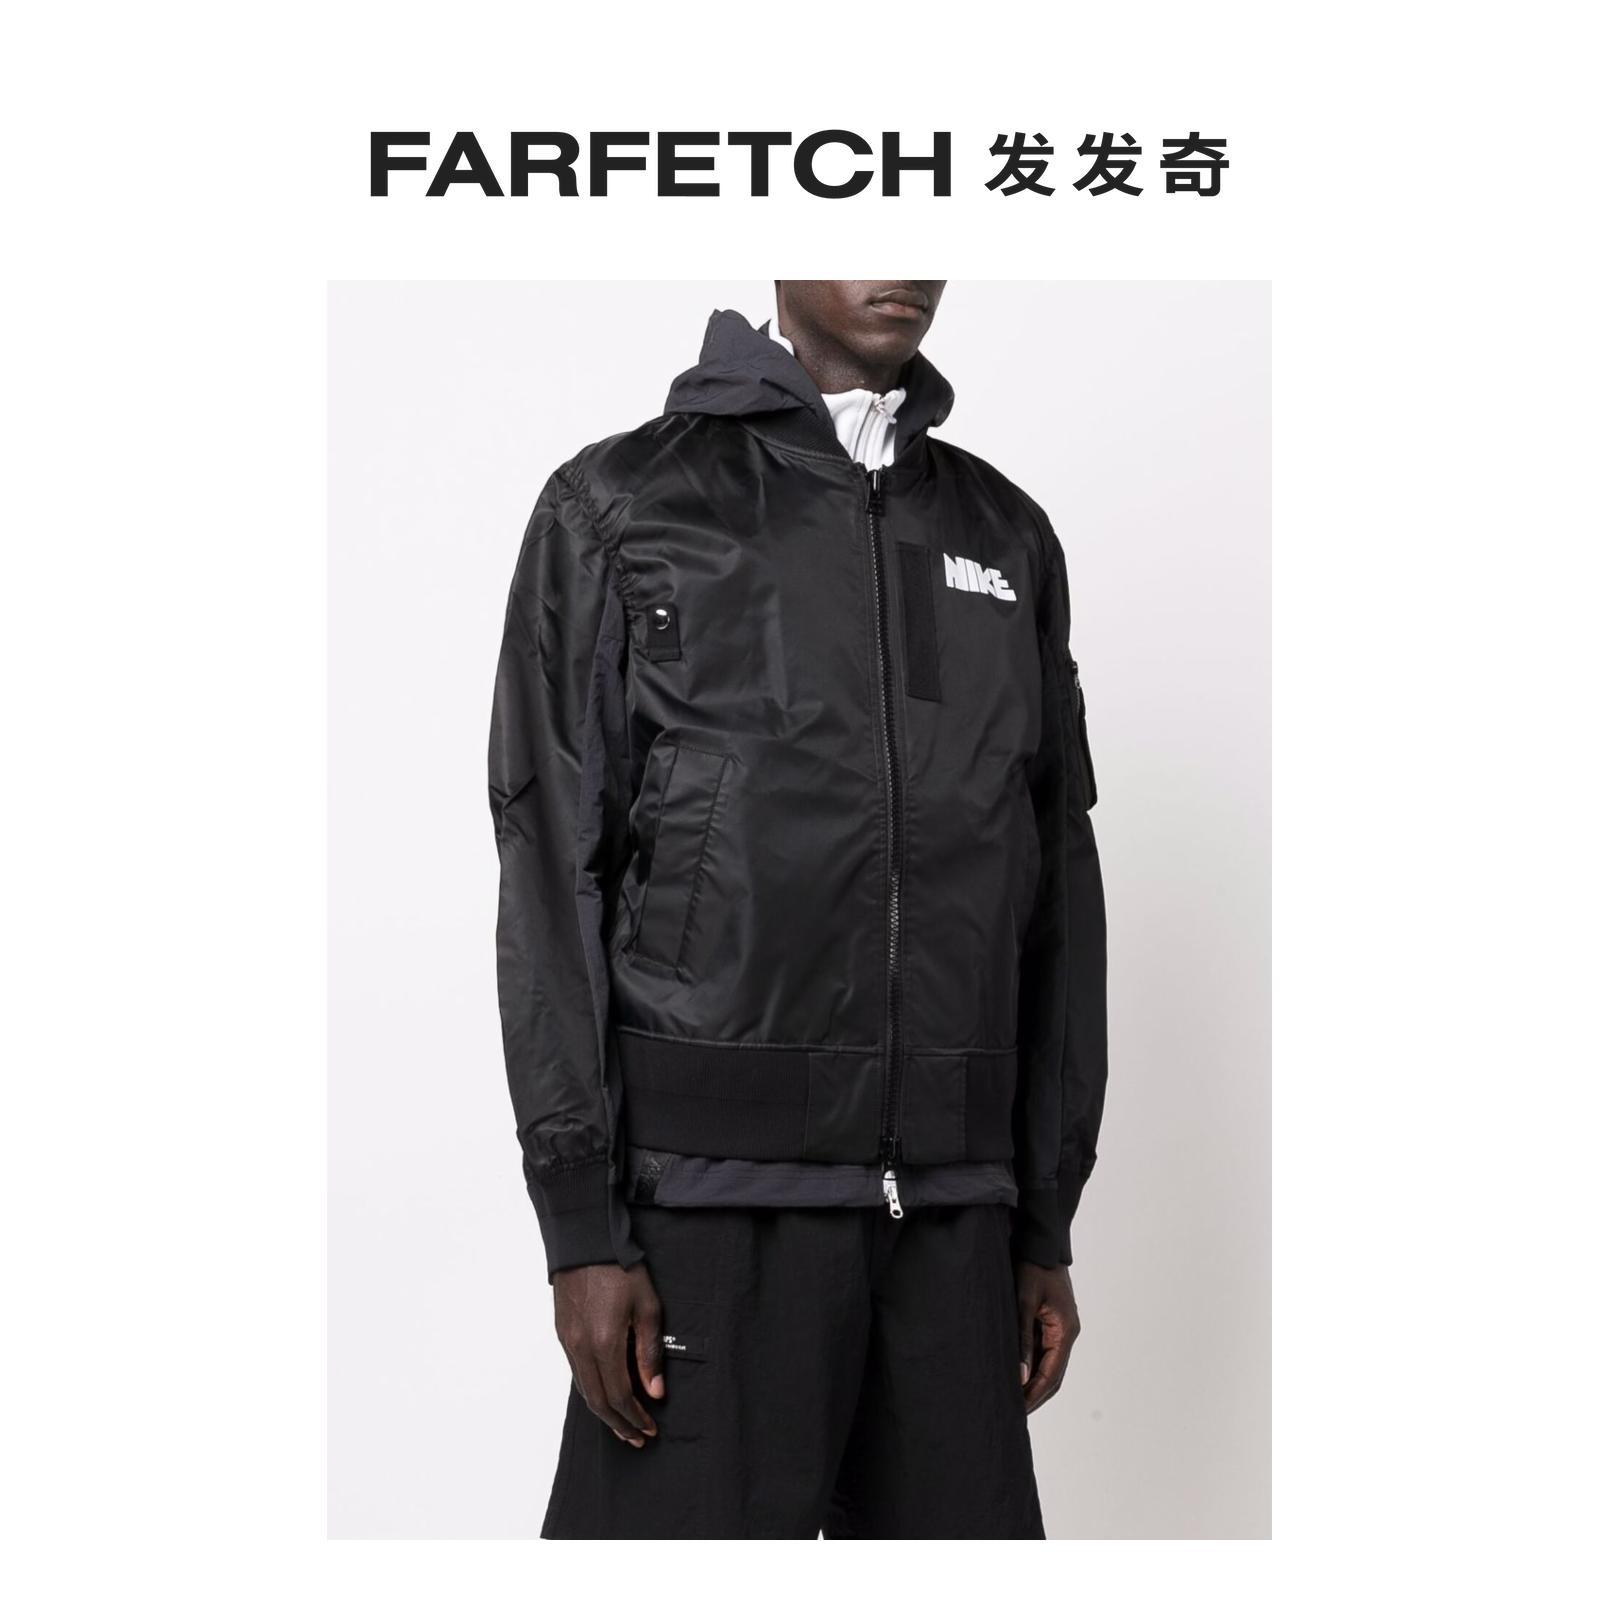 [新品]Nike耐克男士x sacai logo印花分层式飞行员夹克发发奇